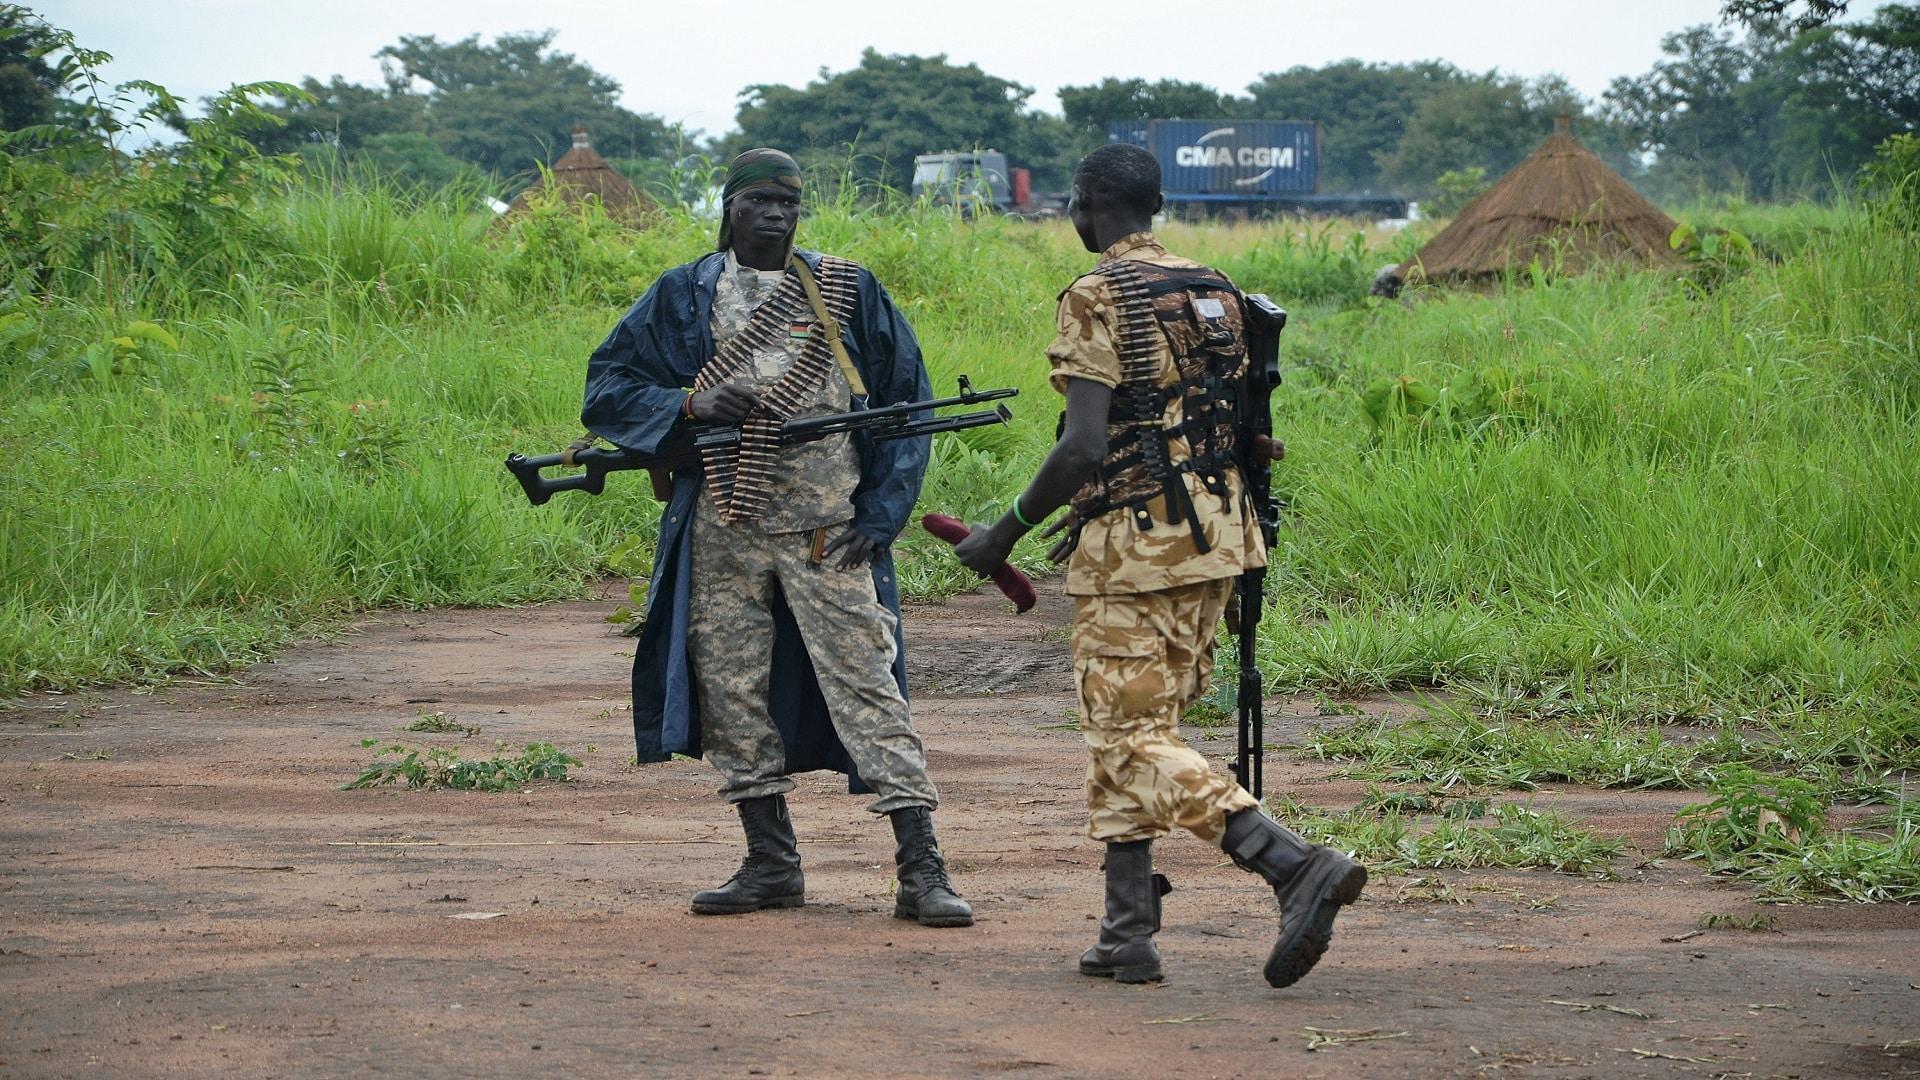 الجيش في جنوب السودان: إنشاء محاكم عسكرية متنقلة لمحاكمة العساكر